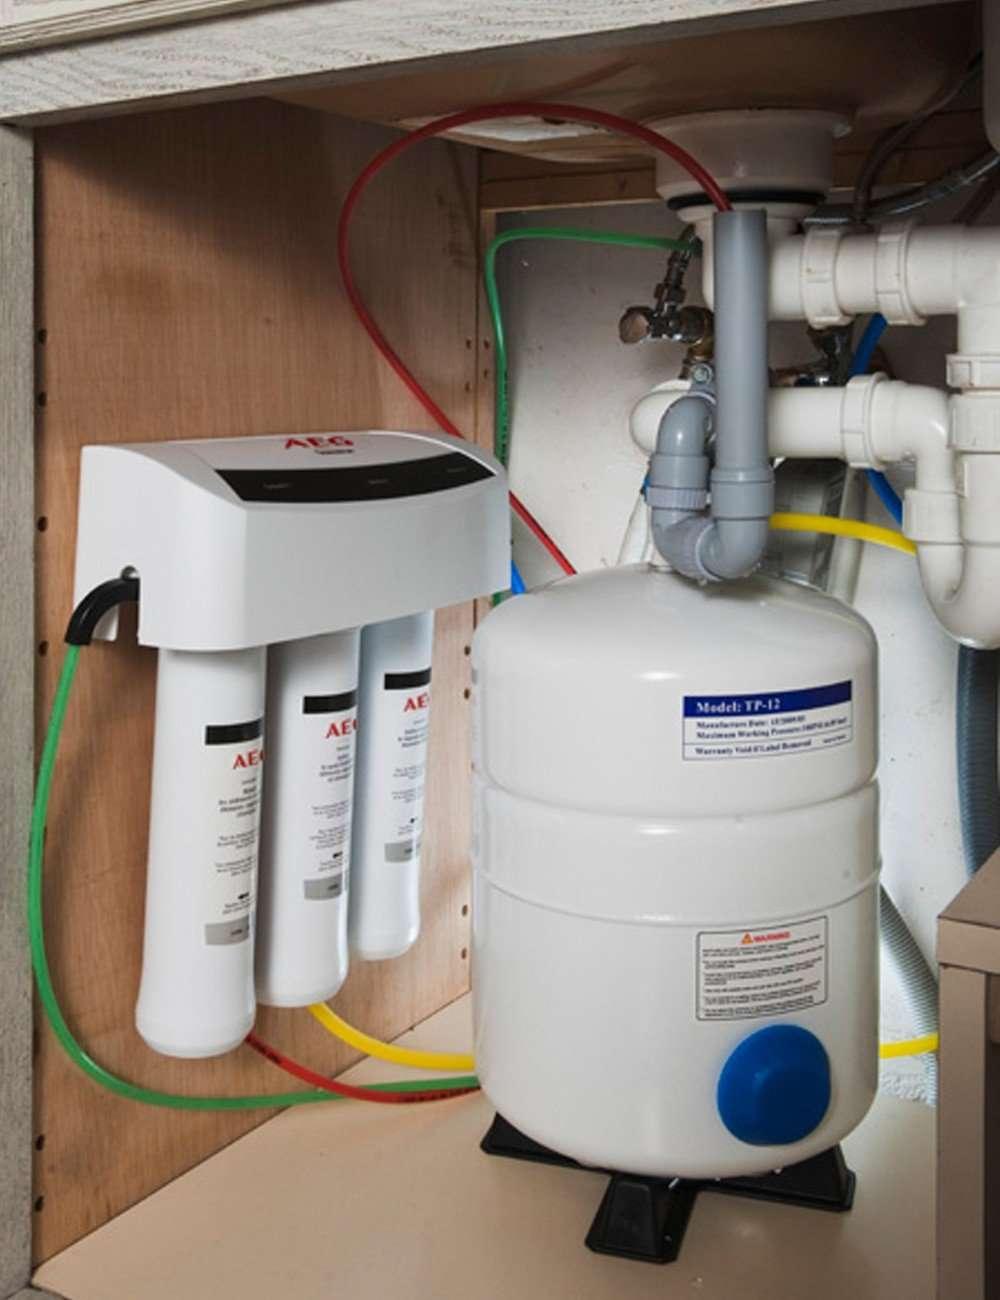 L'osmoseur est un systeme de filtration facile a installer pour l'eau du café